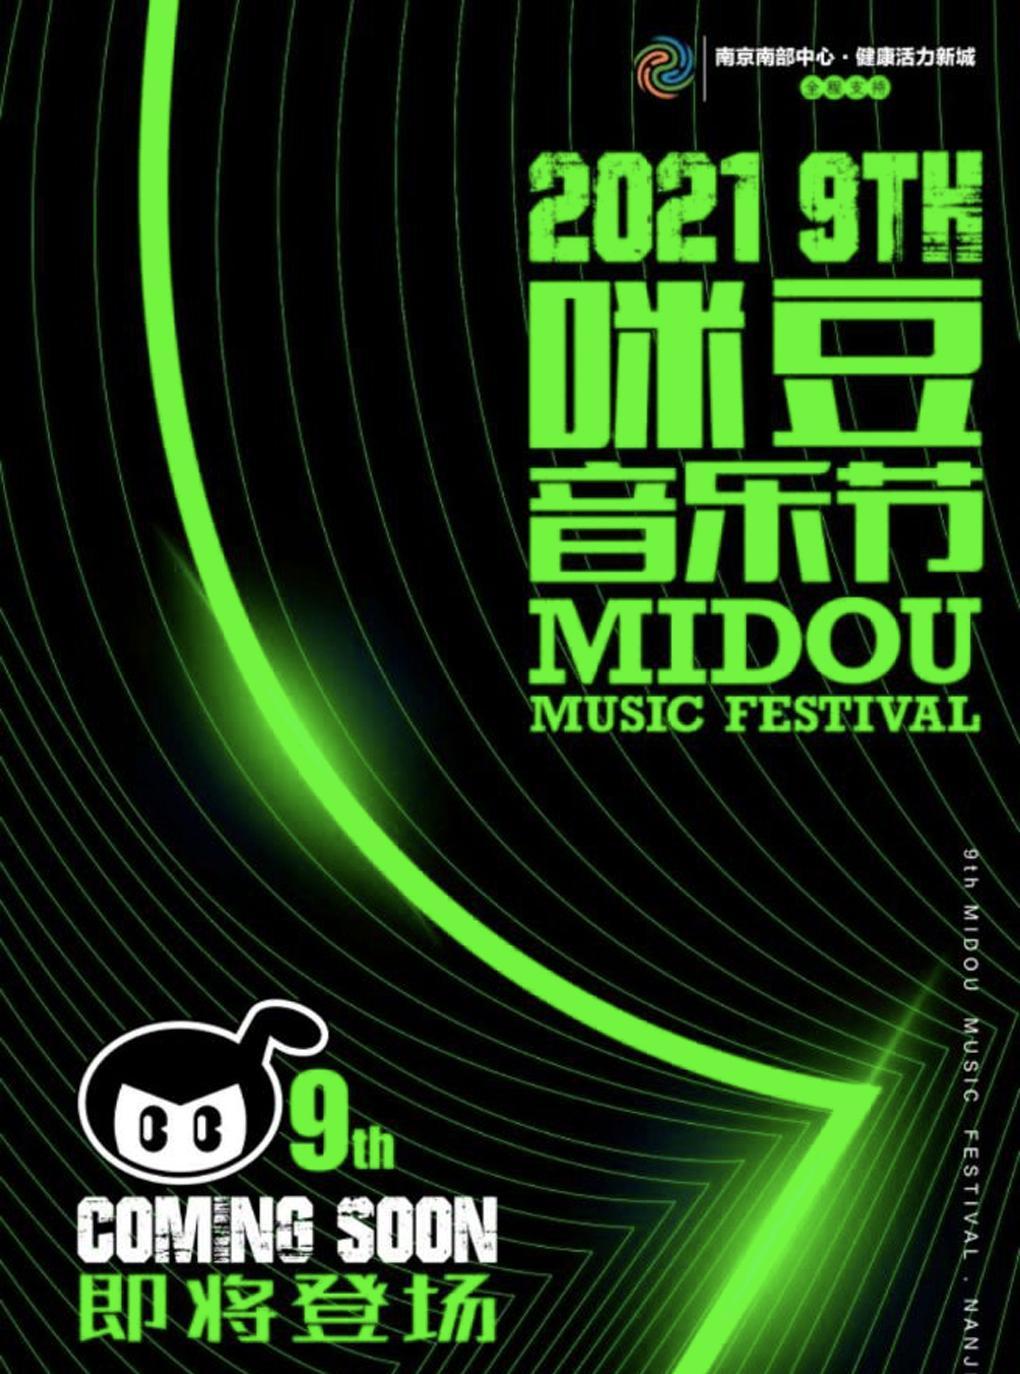 20210226_票牛商城_【超前预售】2021南京咪豆音乐节200抵230定金预定券